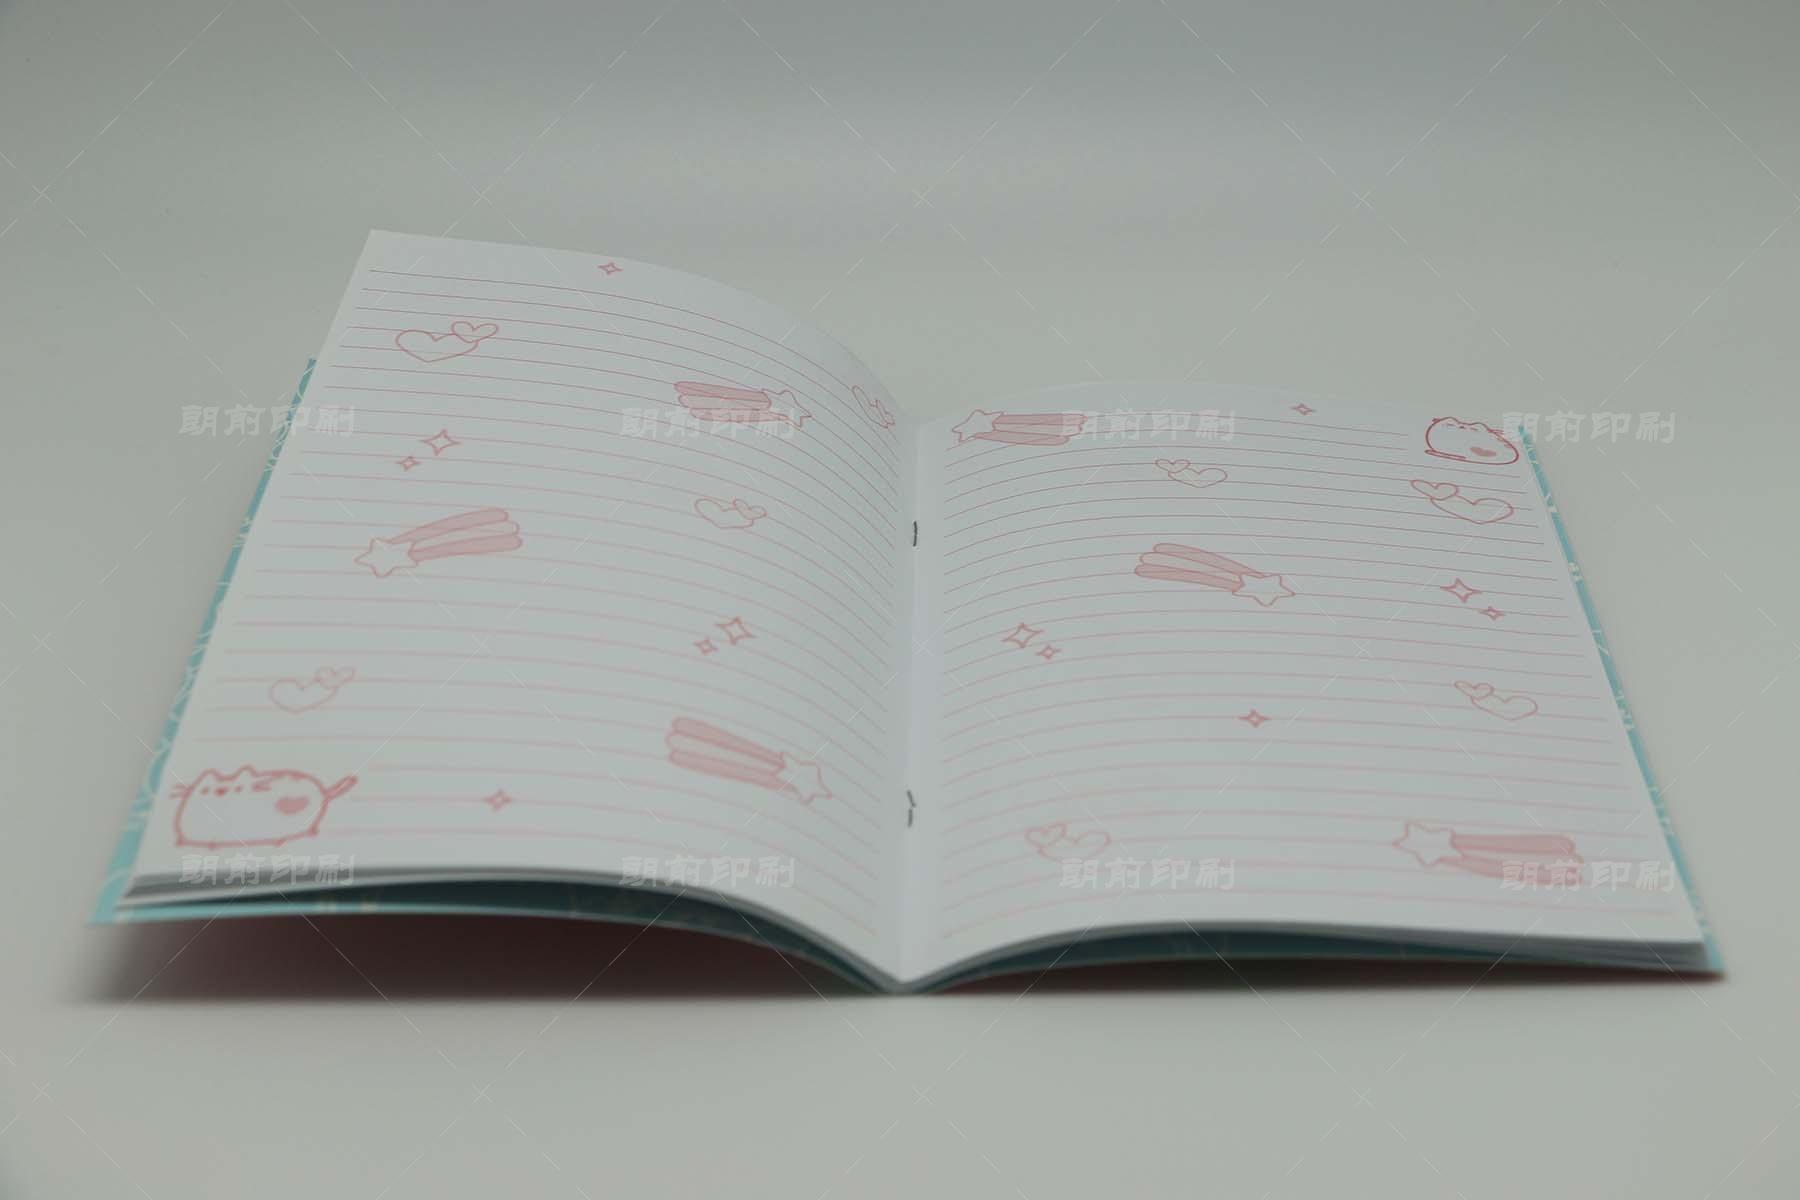 广州学校宣传画册设计印刷 广州印刷厂简介